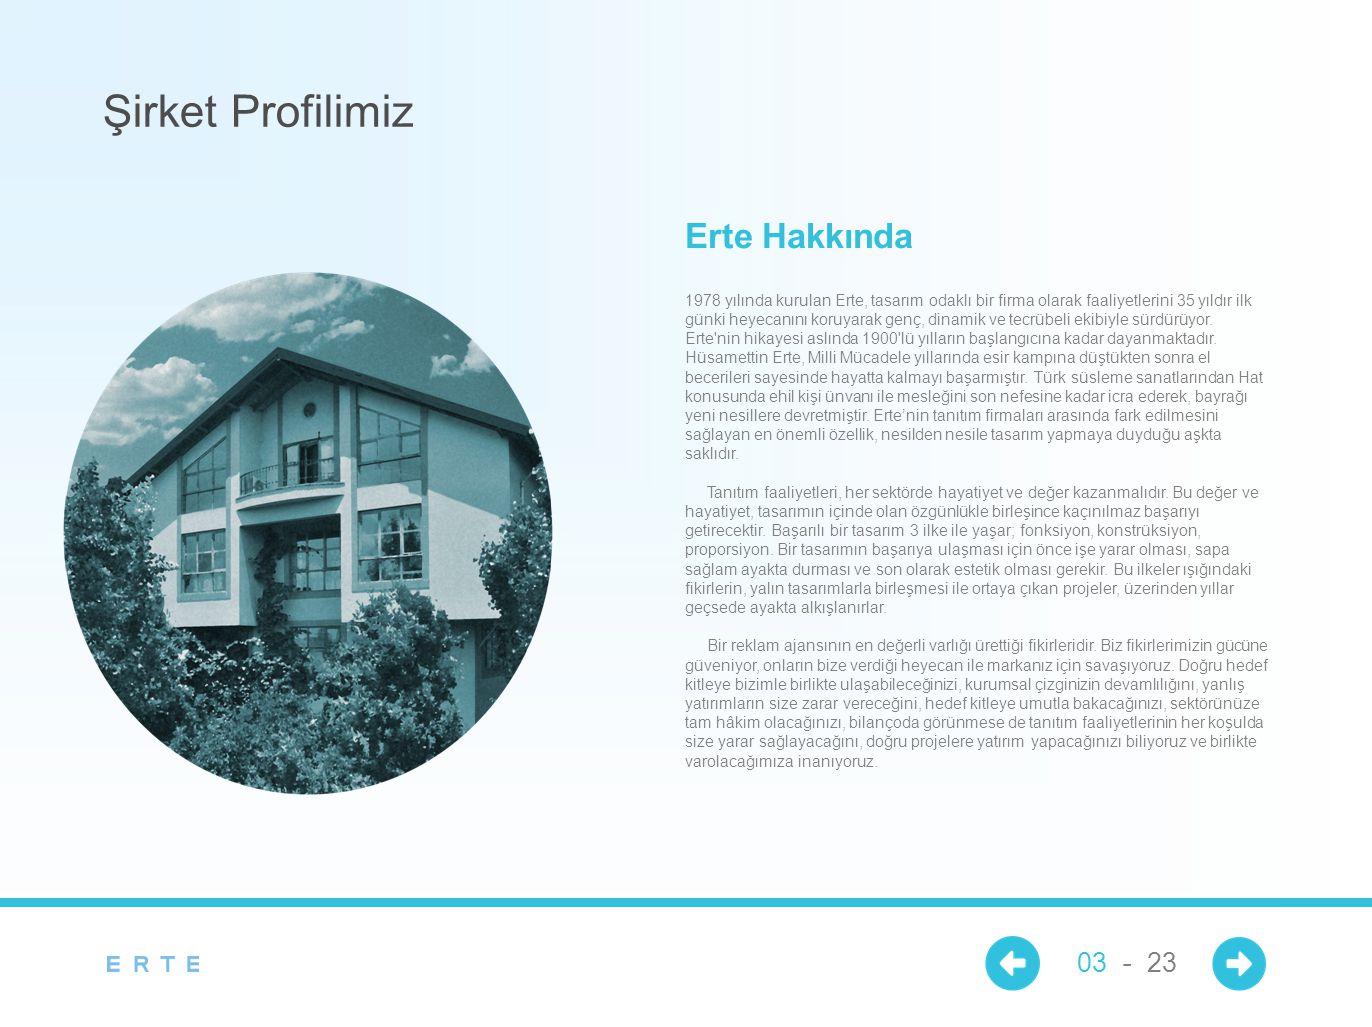 Felsefemiz fonksiyon, konstrüksiyon ve proporsiyon - Hüsamettin Cemil Erte, Kurucu 31 Mart 2015 04 - 23